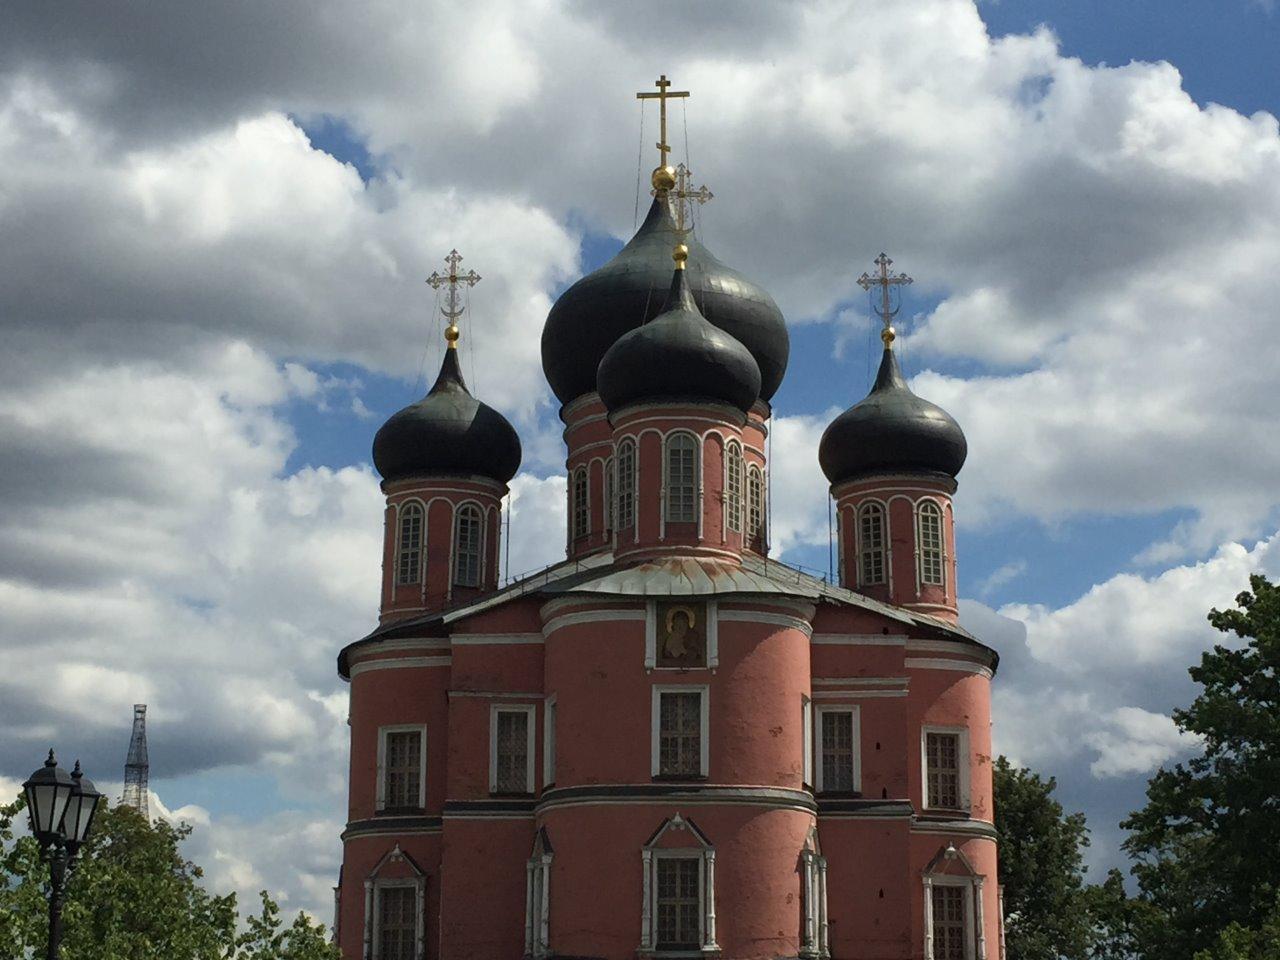 Донской монастырь и его некрополь - индивидуальная экскурсия в Москве от опытного гида